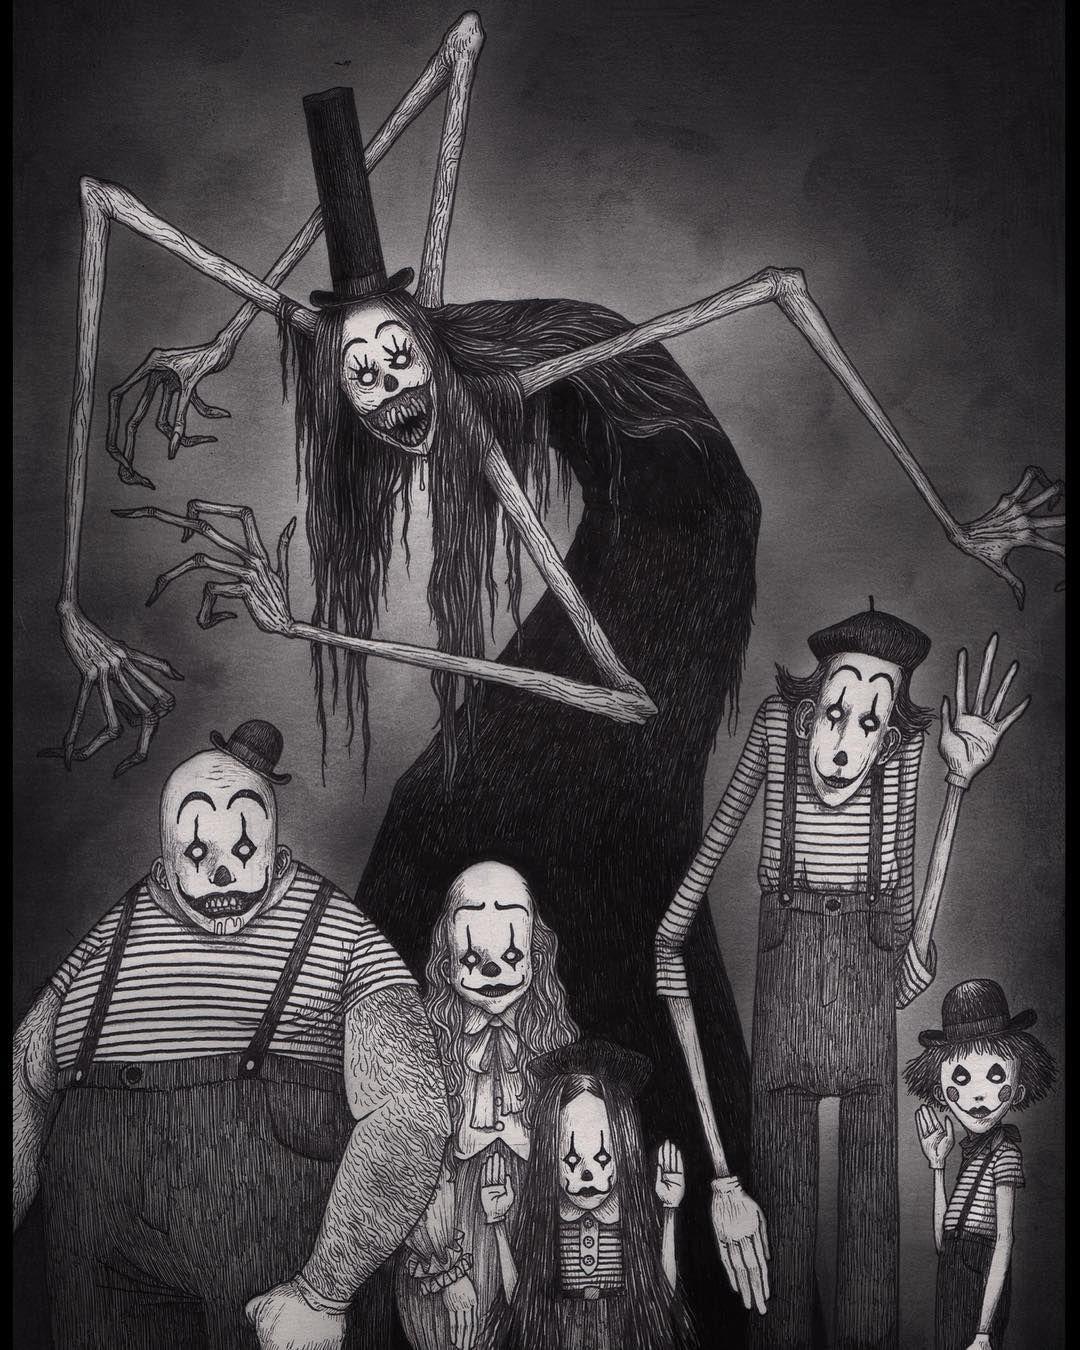 Mimes from hell #johnkennmortensen #donkenn #artwork #drawing #monsters